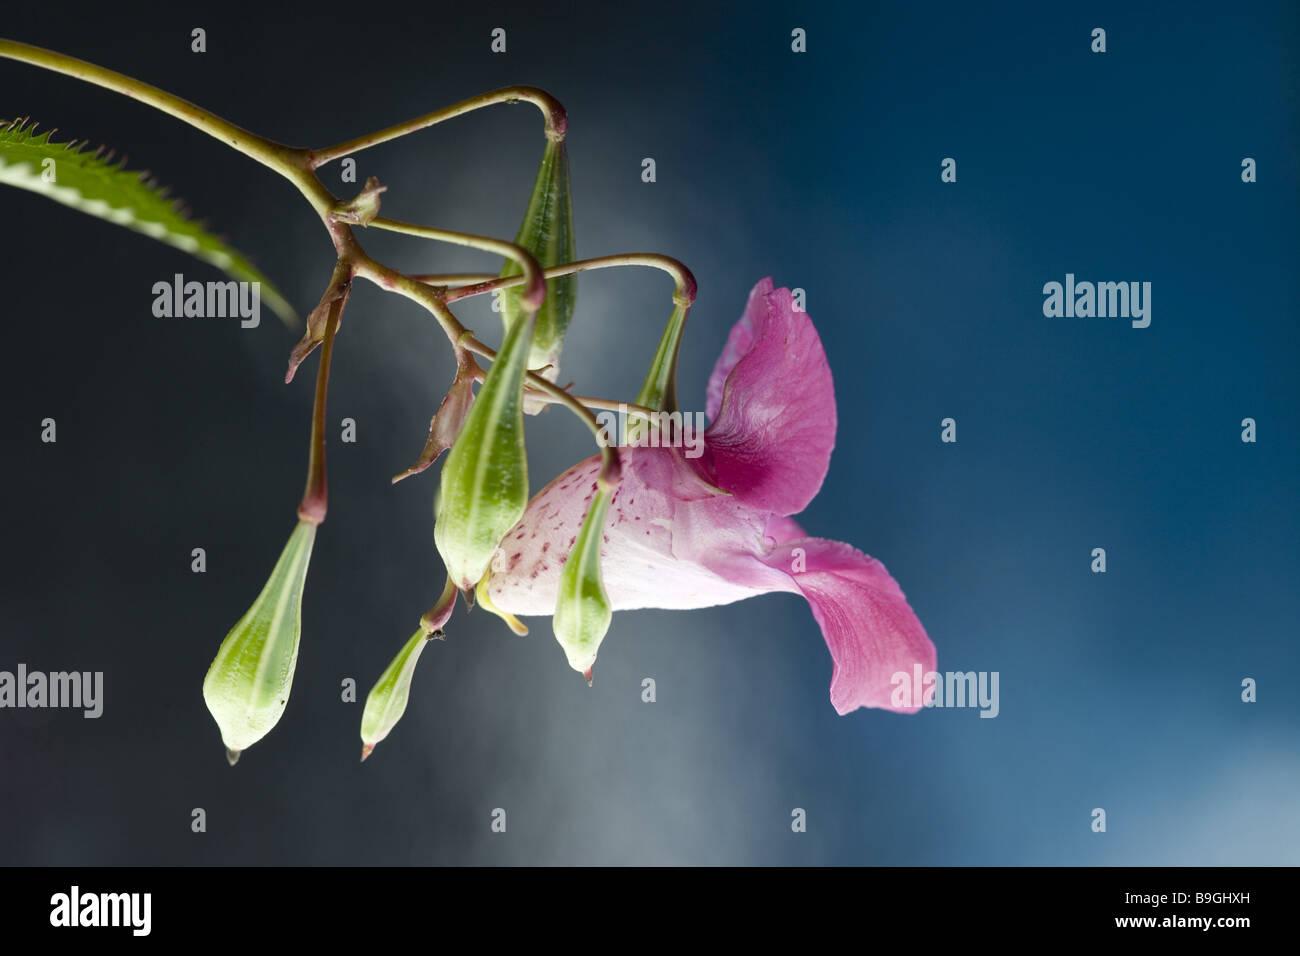 Toque indio-me-not Impatiens glandulifera detalle blooming cápsulas de semillas emscherorchidee' plantas de jardín alternativa Foto de stock